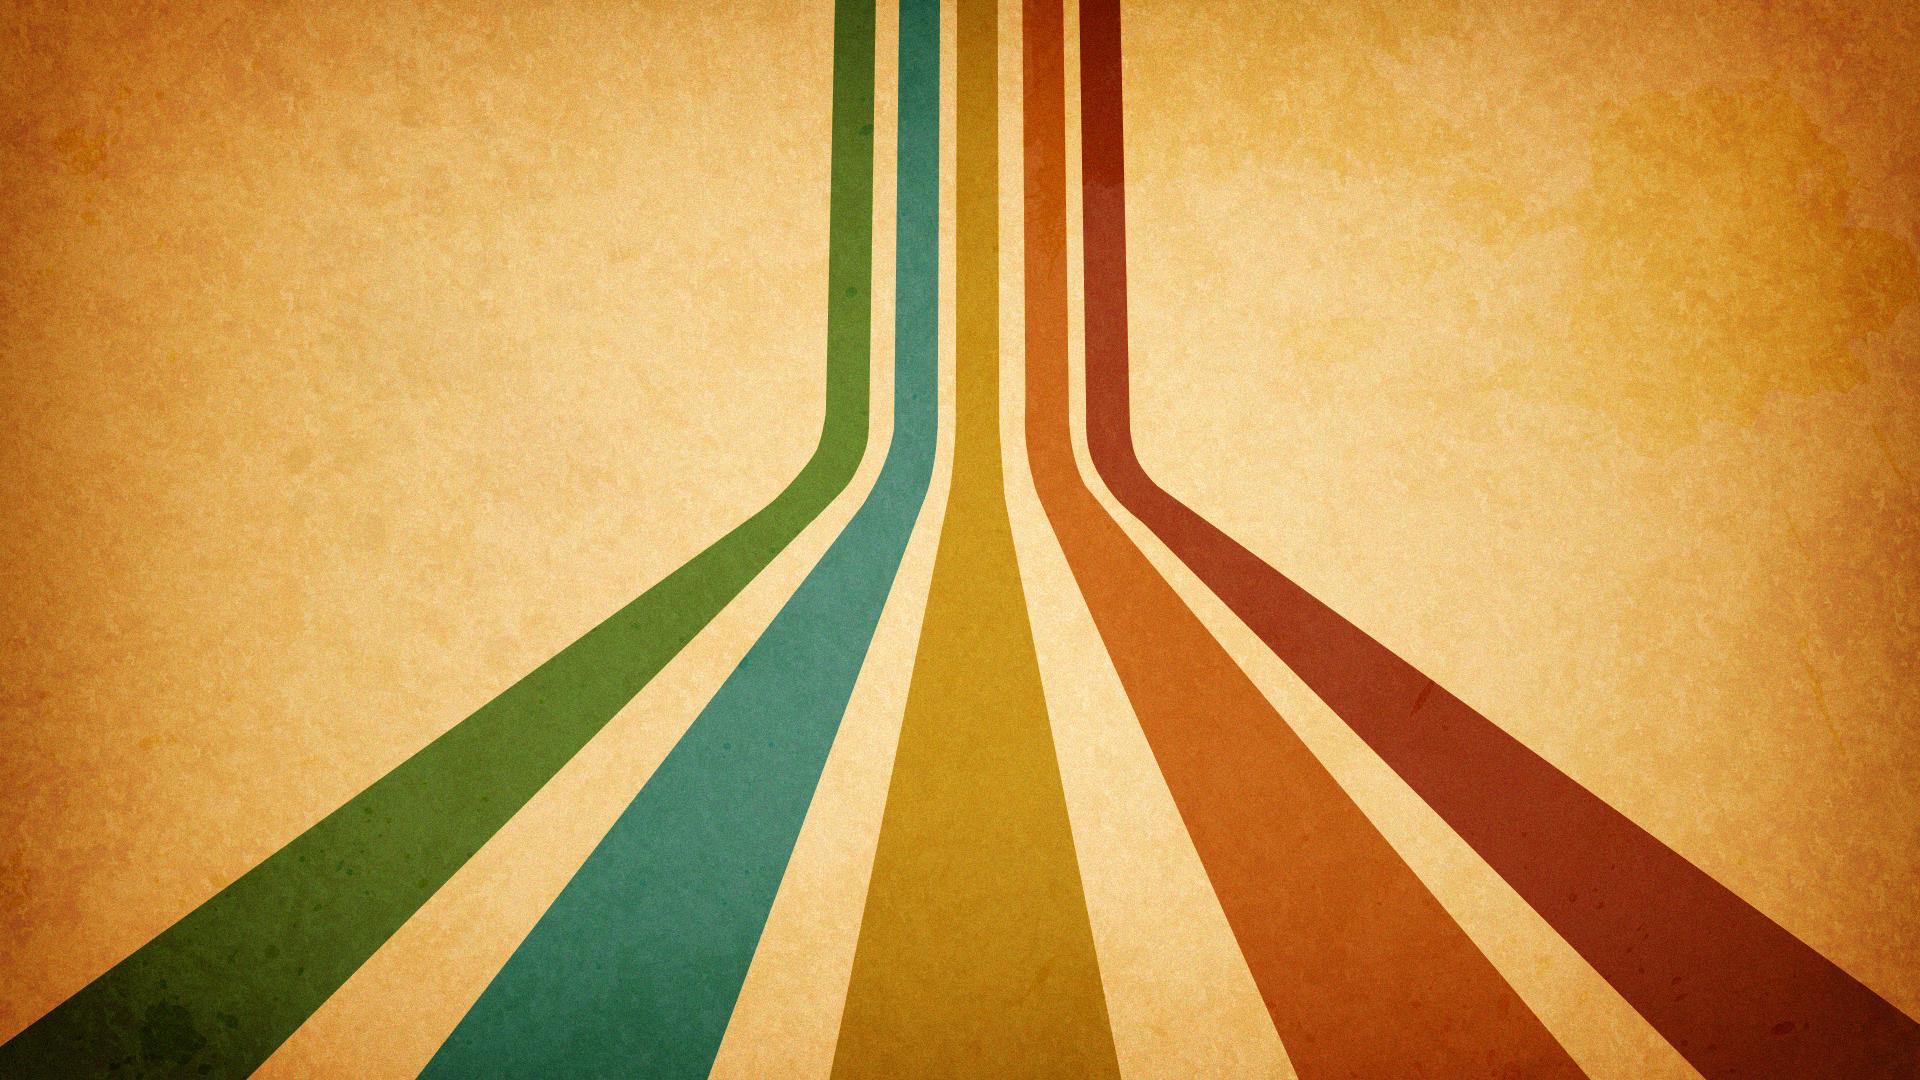 Retro Wallpaper 1 1920x1080